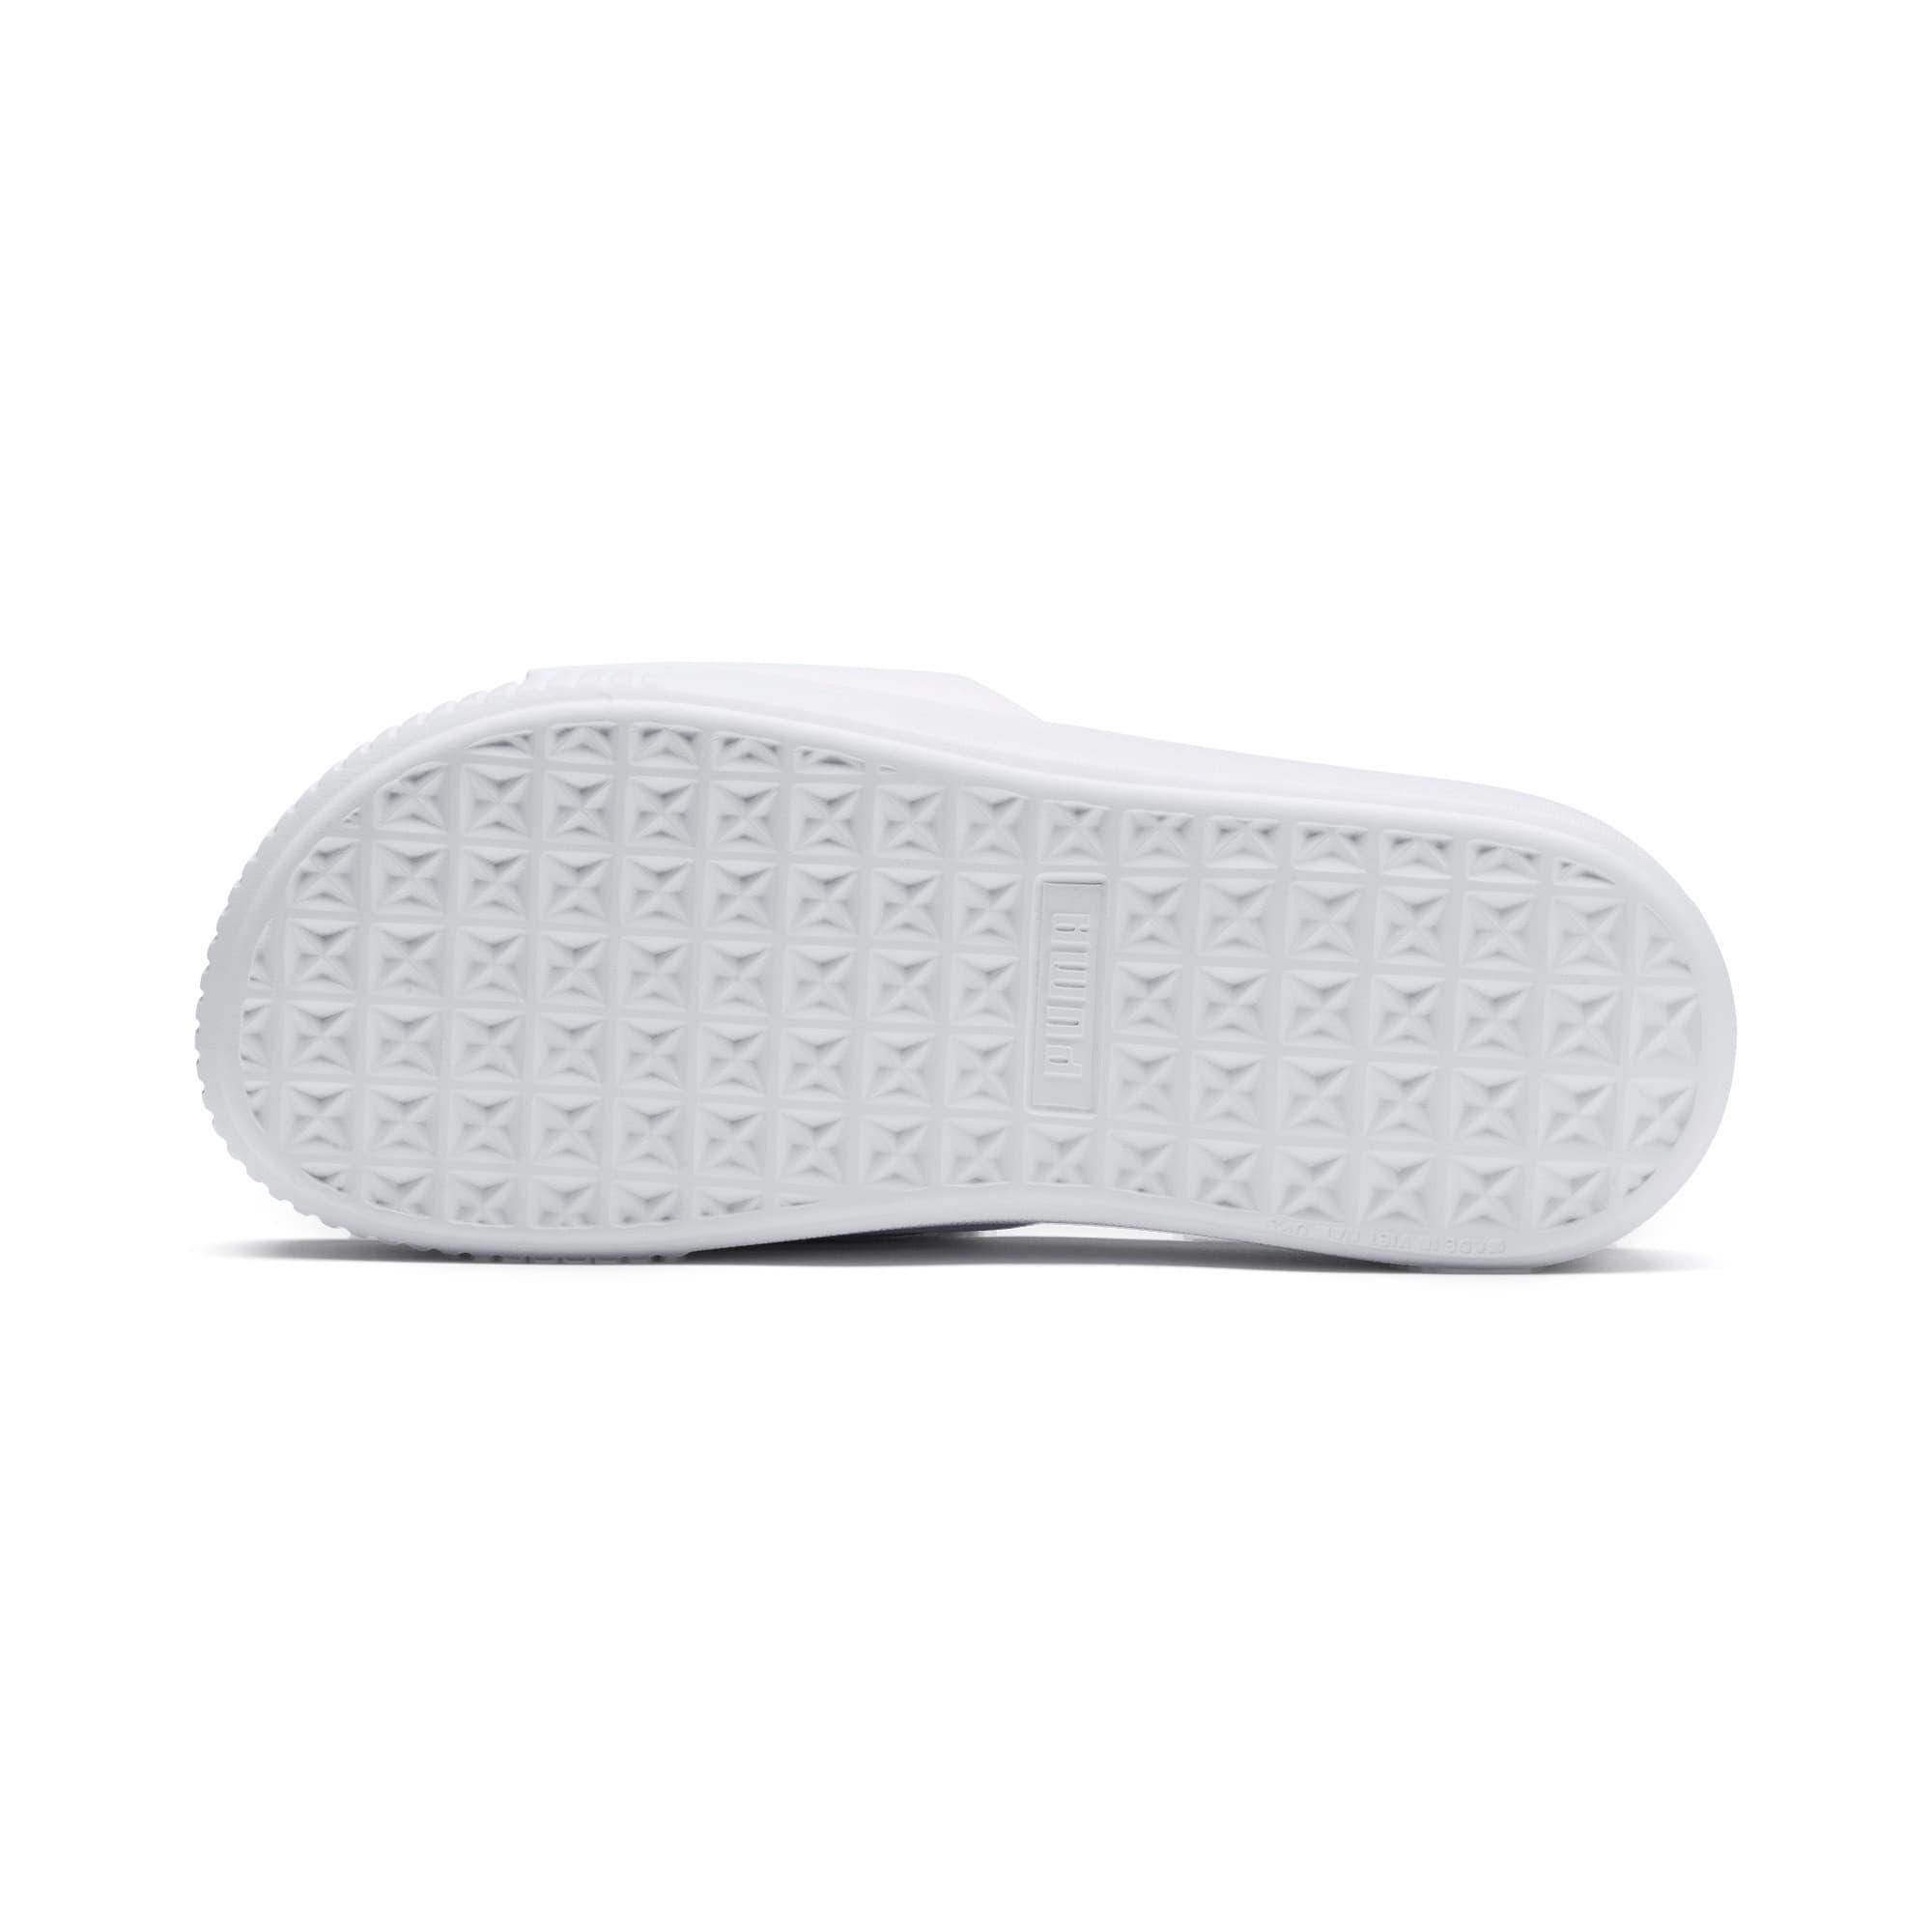 Miniatura 4 de Sandalias con plataforma Slide para mujer, Puma White-Puma White, mediano